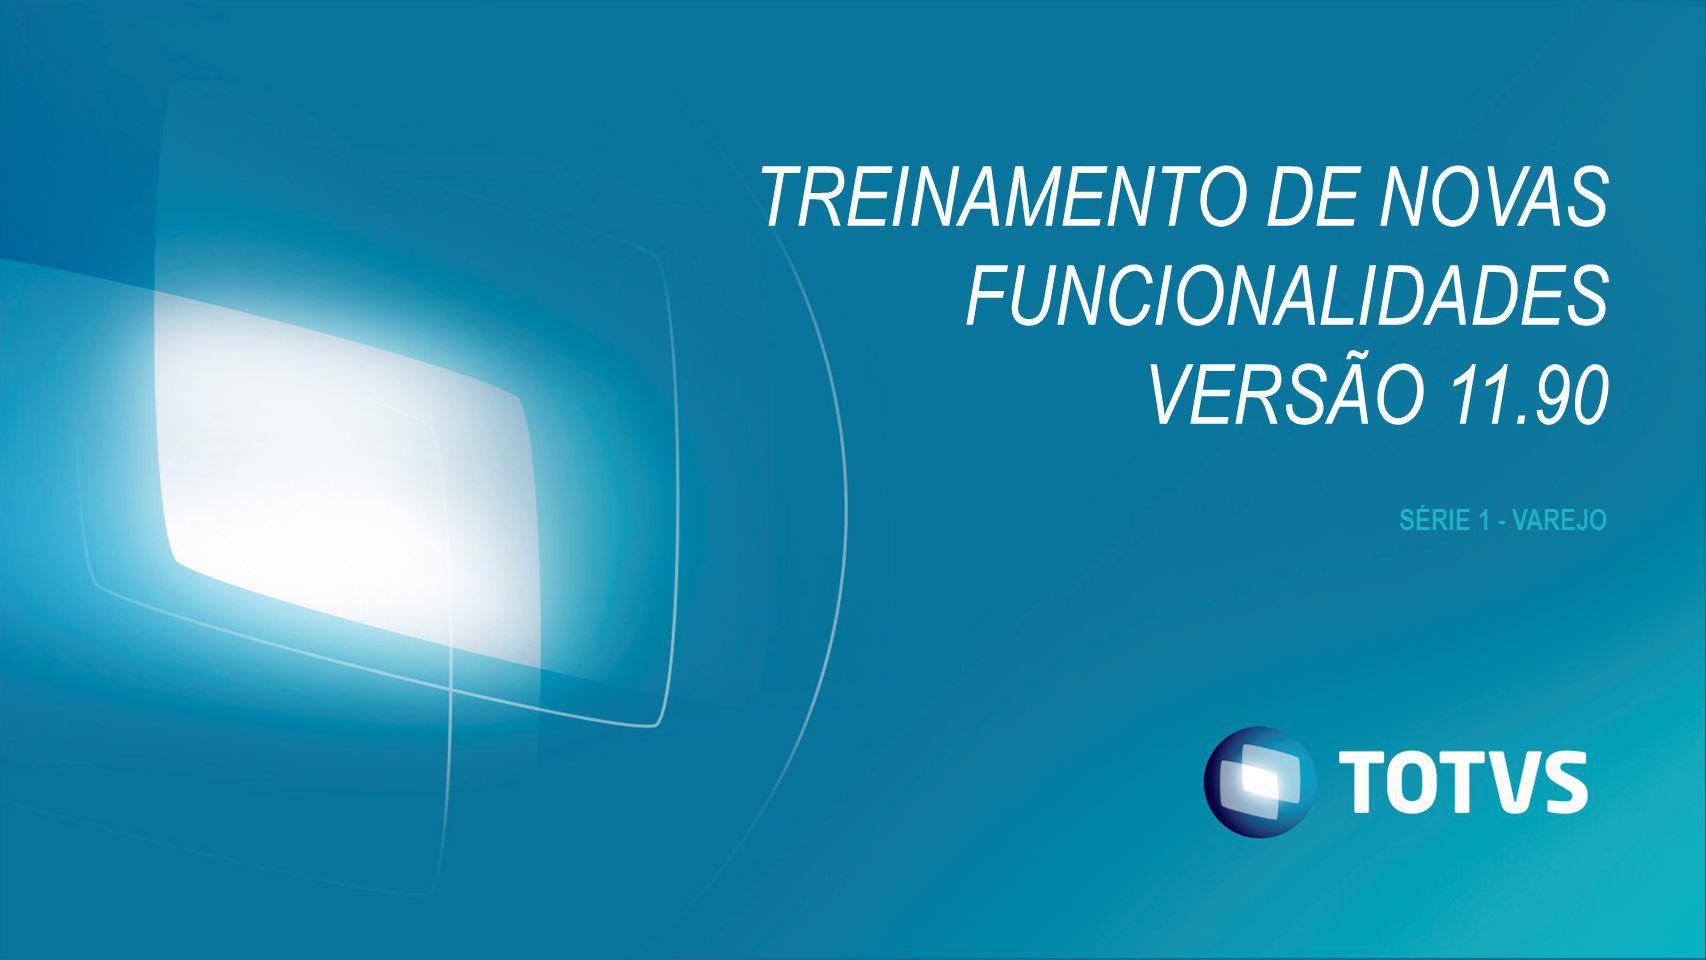 SÉRIE 1 - VAREJO TREINAMENTO DE NOVAS FUNCIONALIDADES VERSÃO 11.90